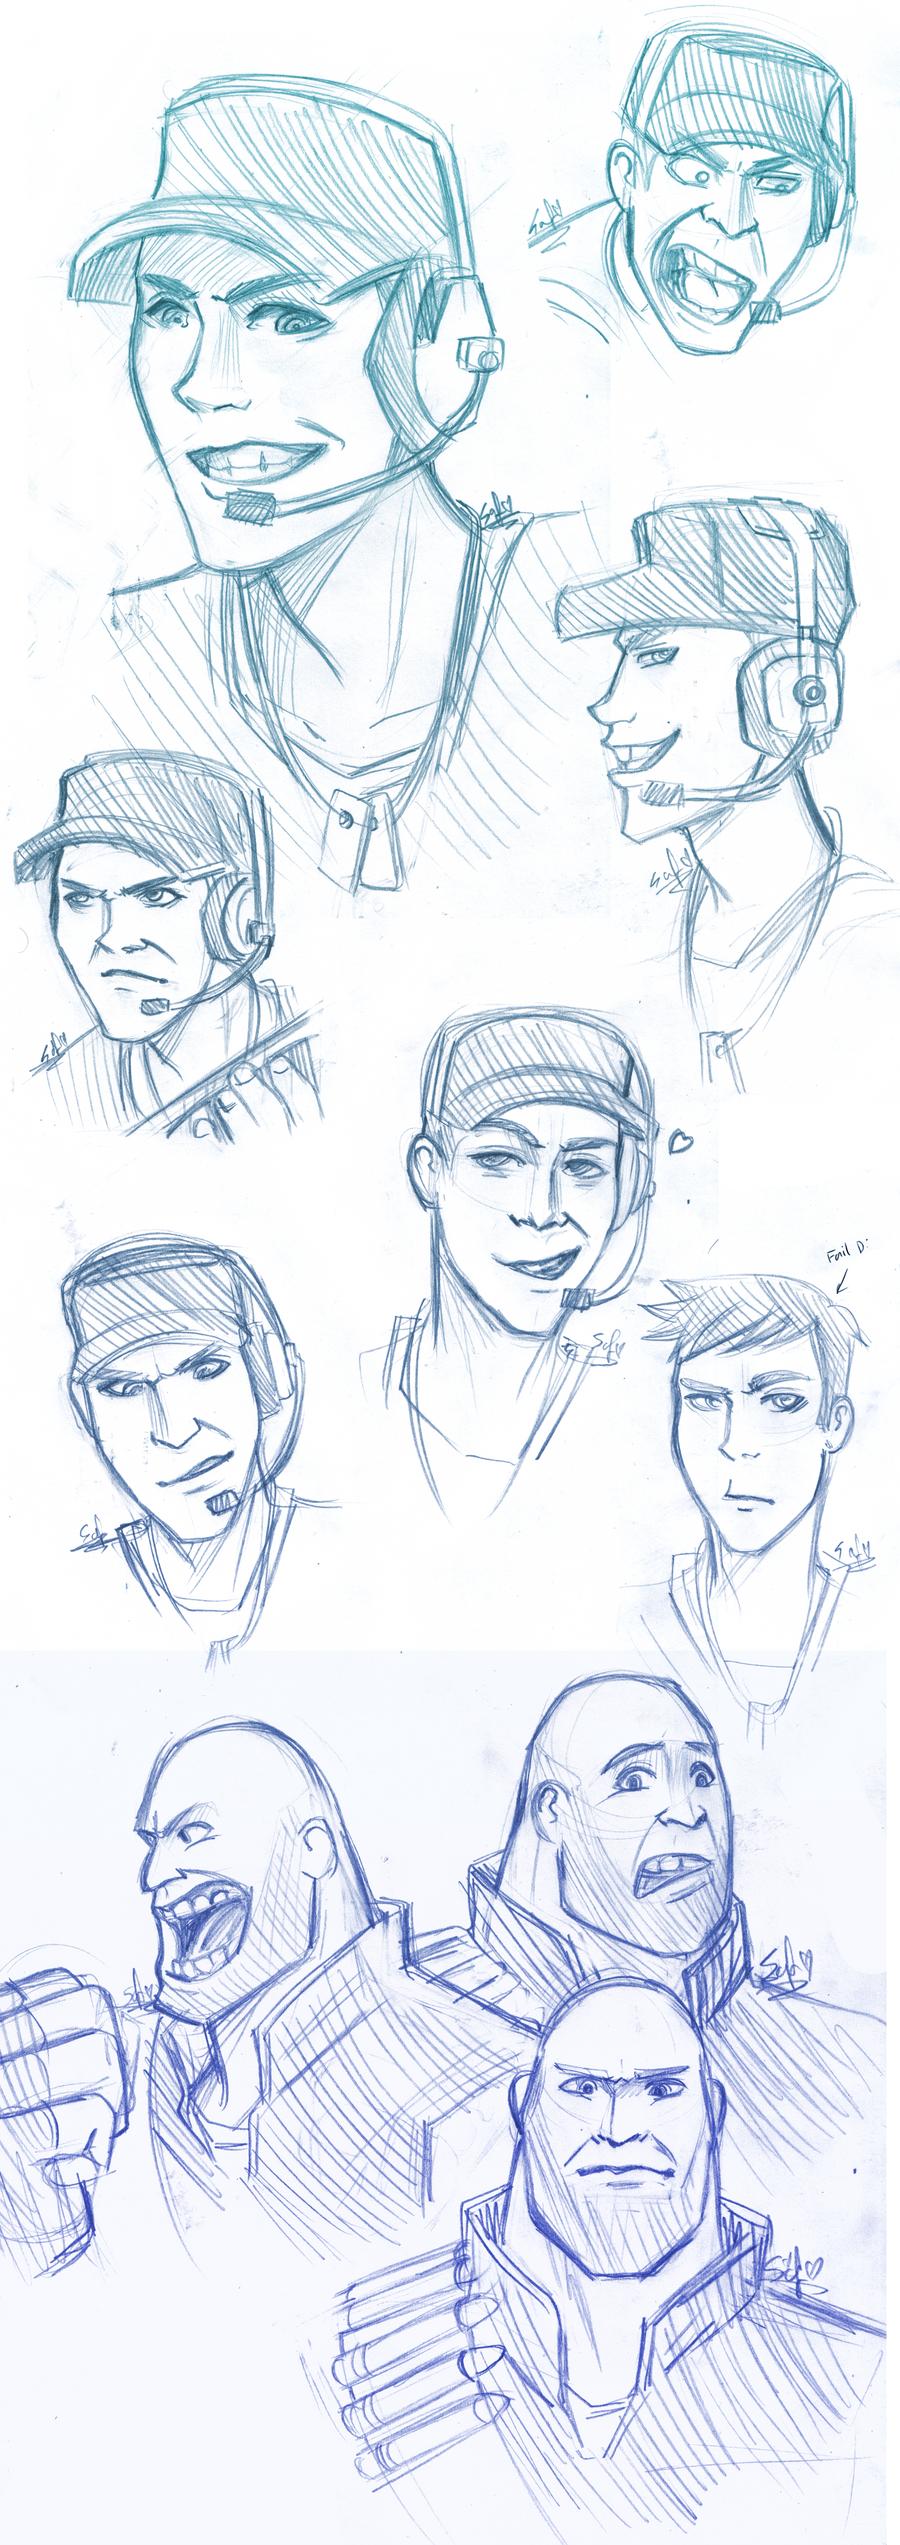 TF2: Sketches by DarkLitria